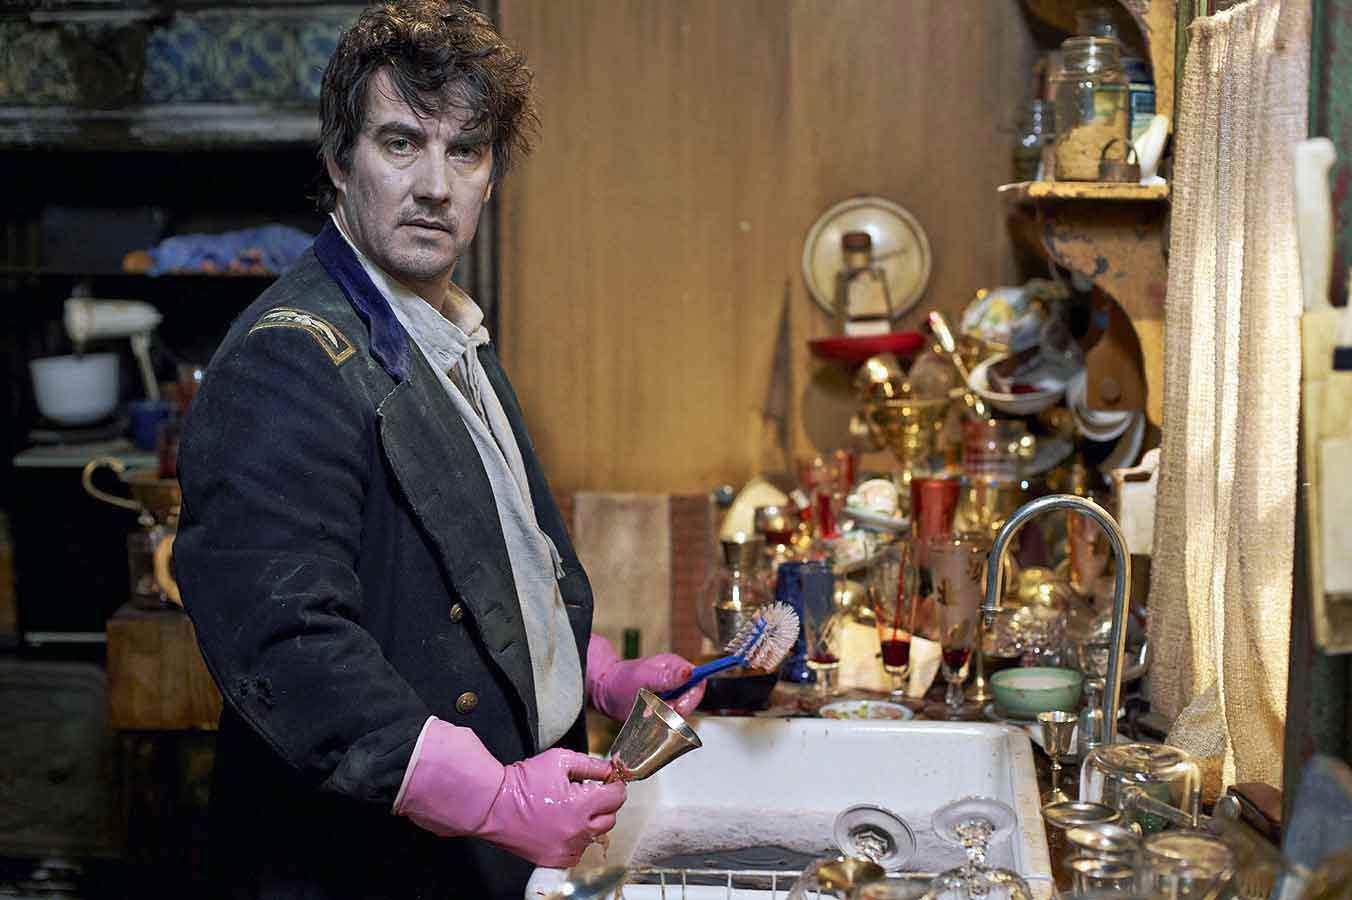 Vampire spülen nicht. Oder etwa doch? - 5 Zimmer Küche Sarg - ein Dokumentarfilm aus Neuseeland